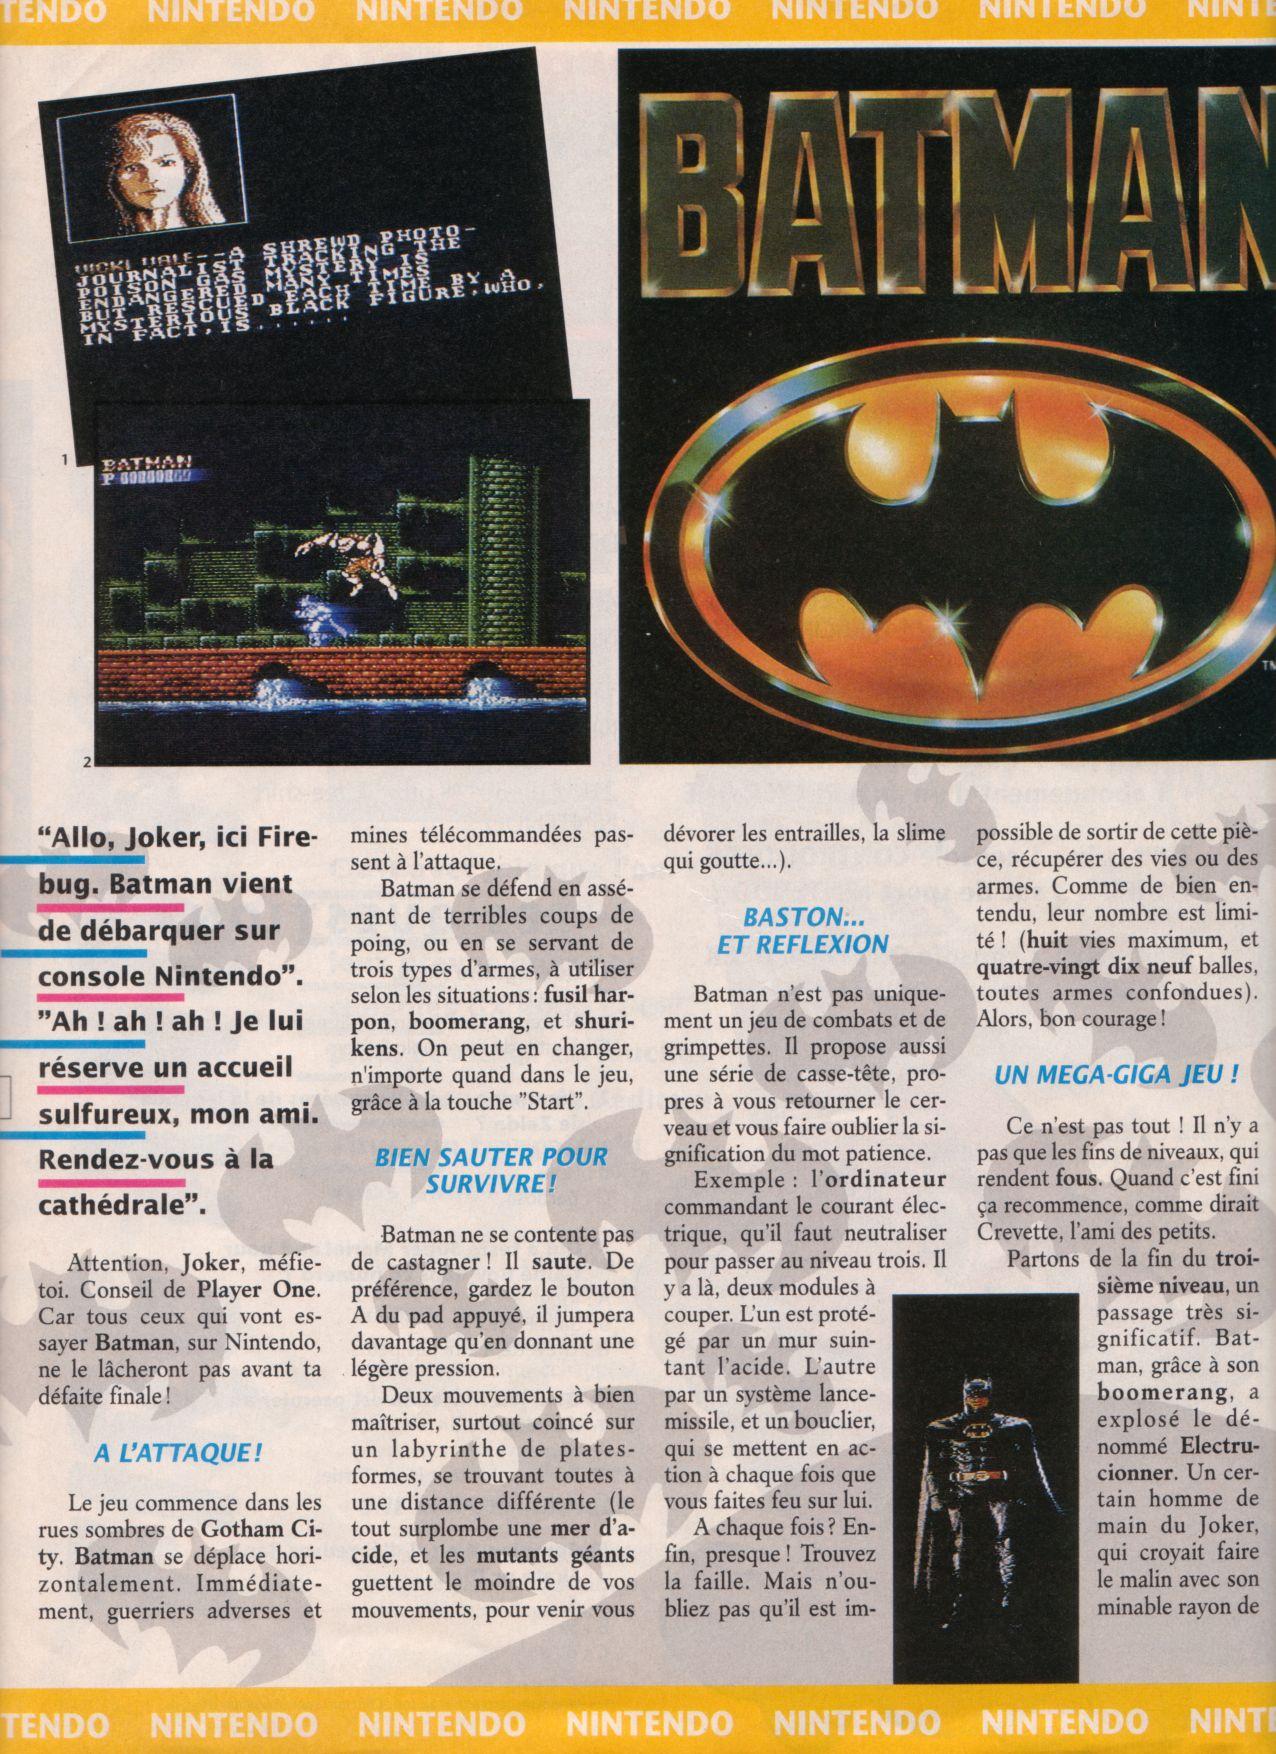 [Jeux]   BATMAN (NES) 1989. Player%20One%20002%20-%20Page%20028%20(1990-10)